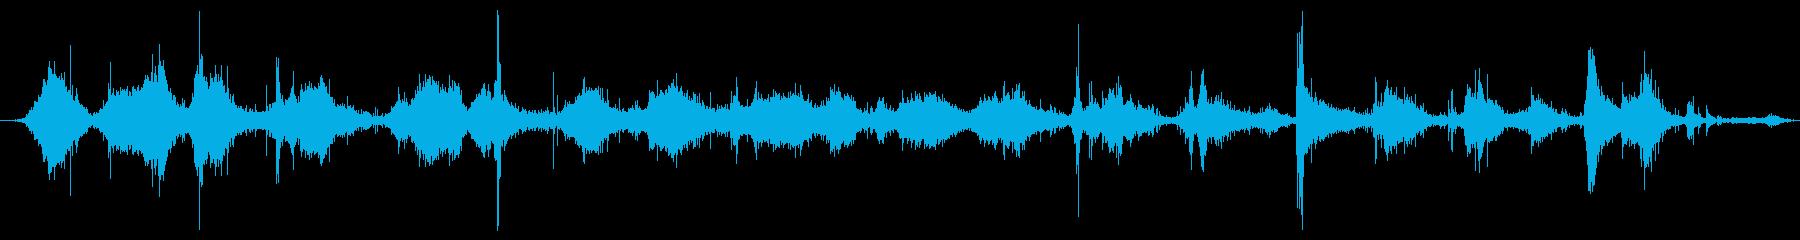 ハードメタルレーキ:レーキリーフ、...の再生済みの波形